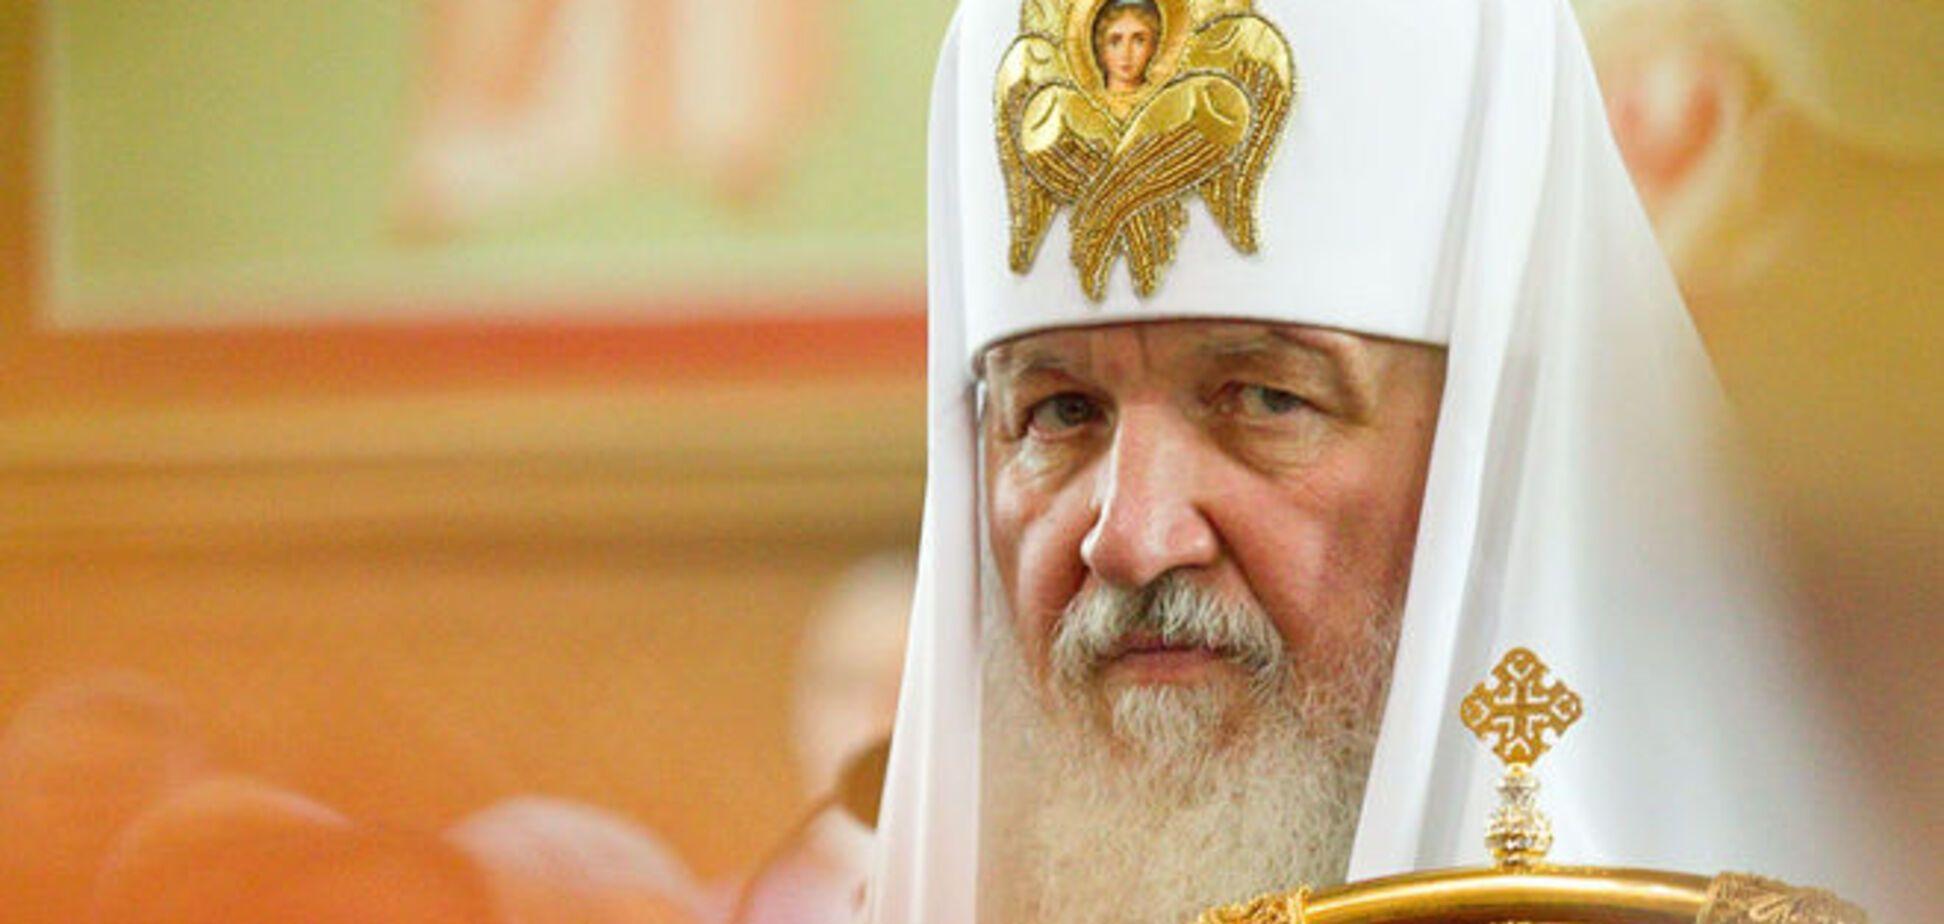 'Все бабушки твои!' Патриарха Кирилла продолжают троллить в 'ВКонтакте'